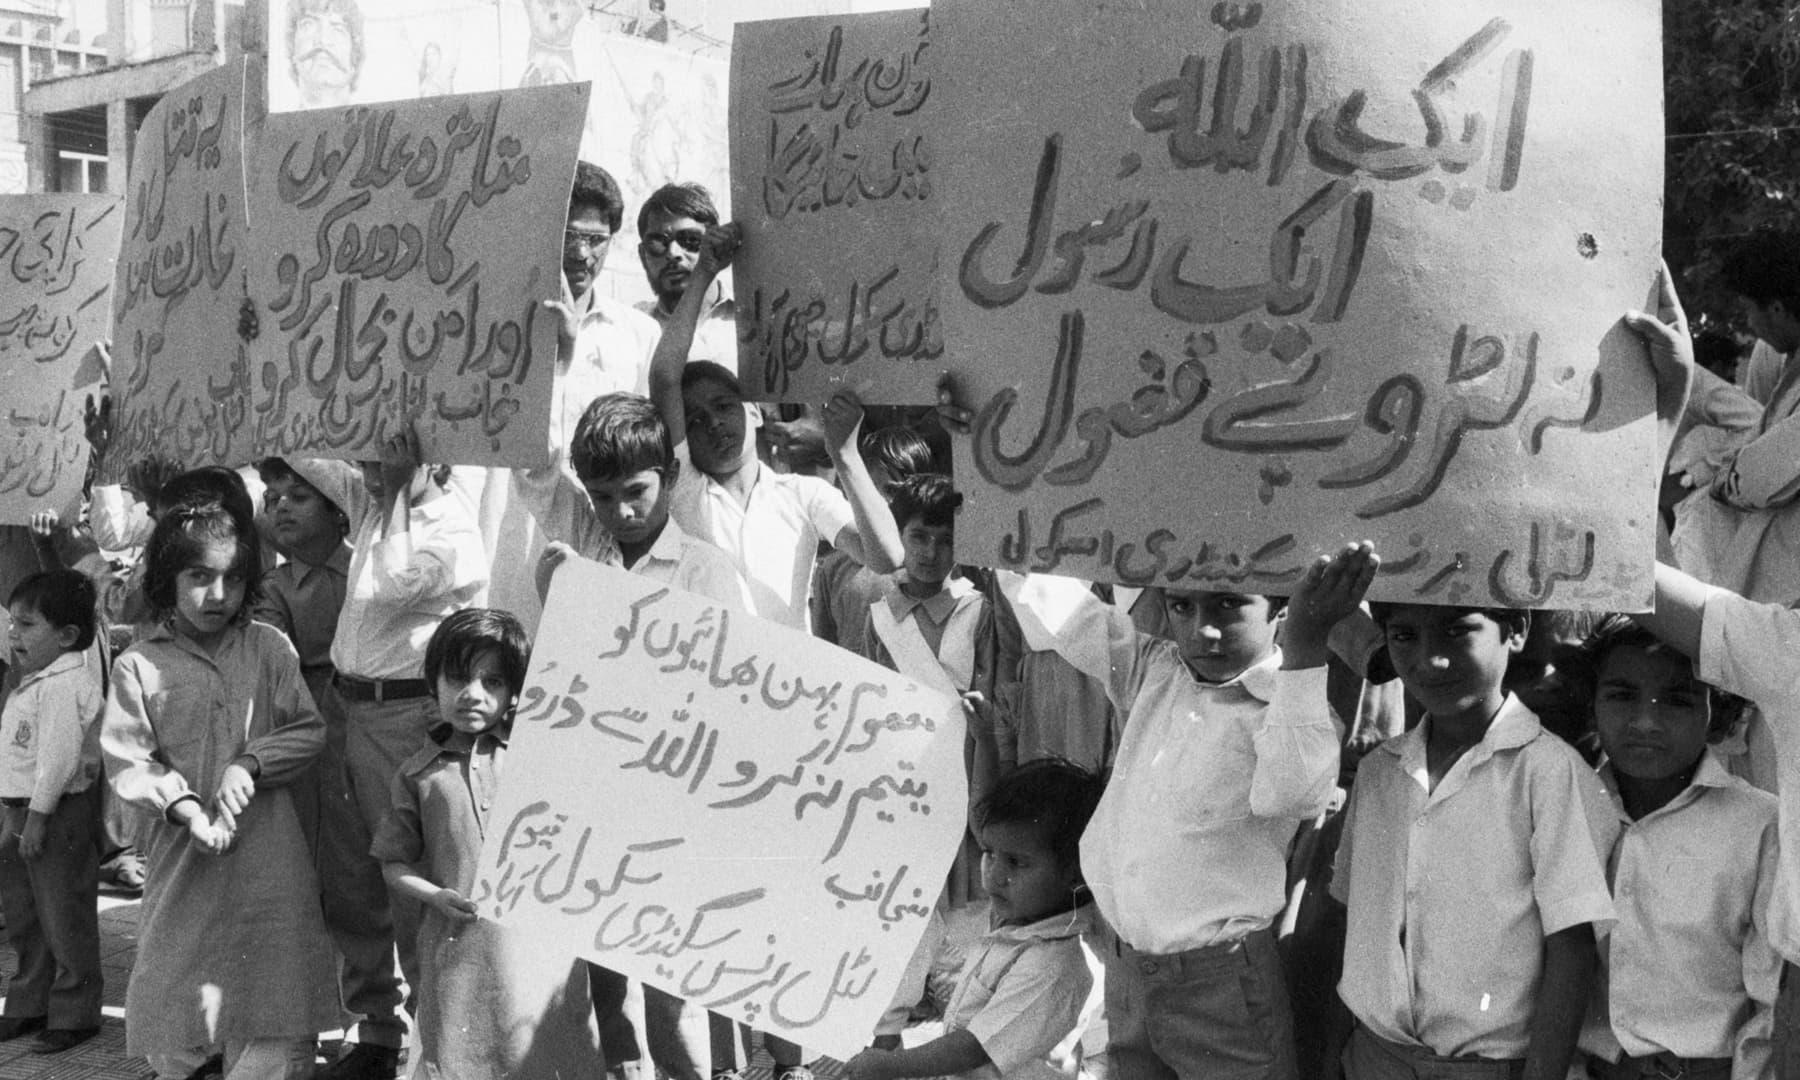 5 نومبر 1986ء کو مختلف اسکولوں کے بچے کراچی میں اٹھنے والے لسانی فسادات کی لہر کے بعد قیامِ امن کے لیے احتجاجی مظاہرہ کر رہے ہیں—تصویر بشکریہ سینئر فوٹوجرنلسٹ زاہد حسین